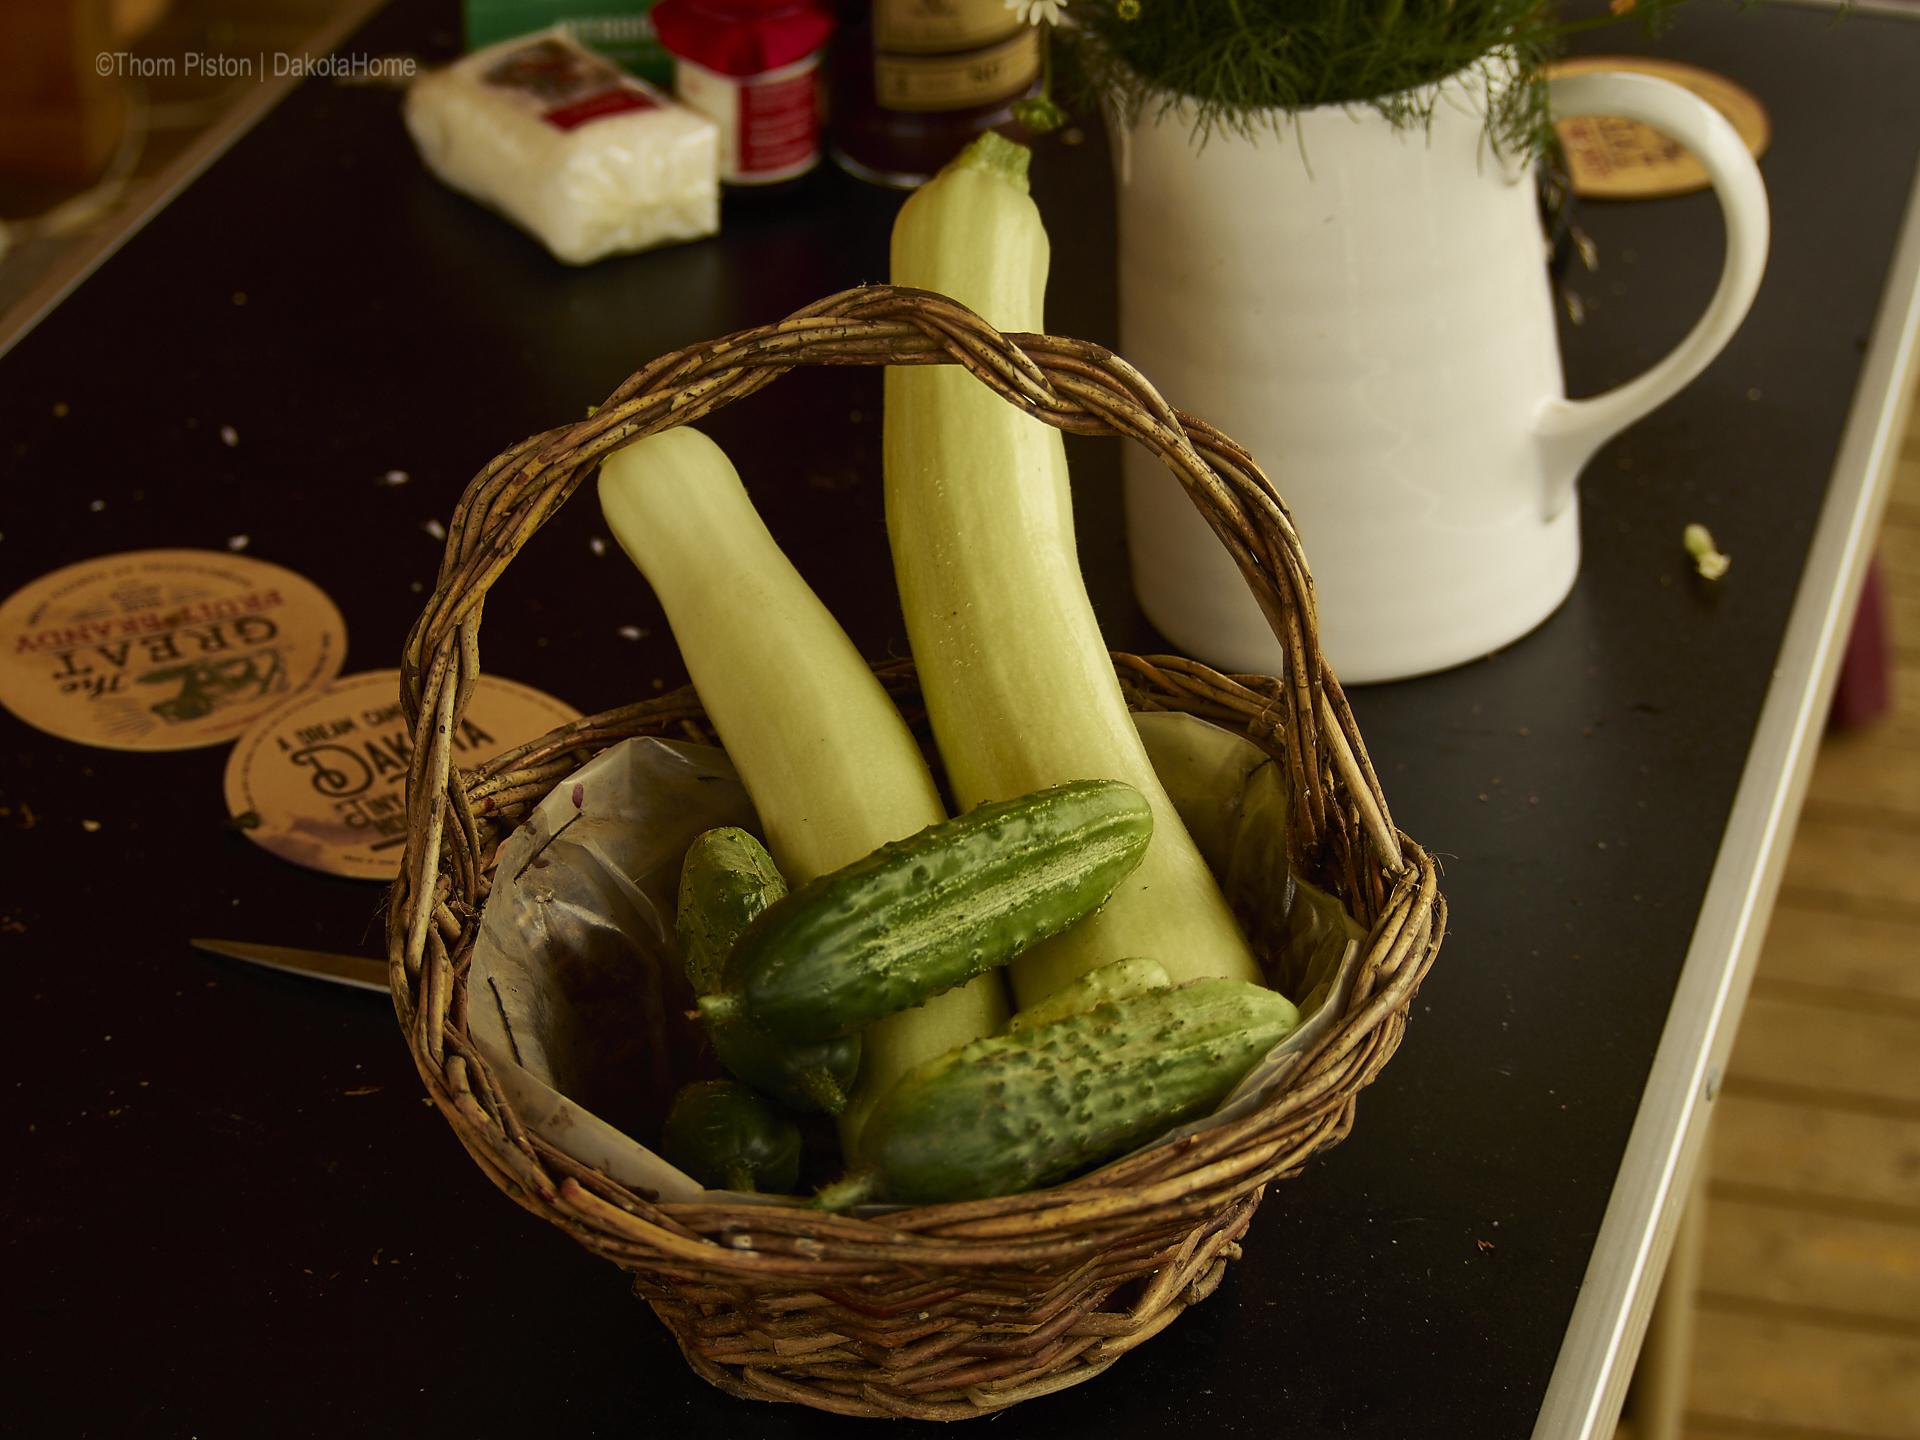 Tägliche Ernte, Gurken und Zucchinis.., Mitte Juni 2018